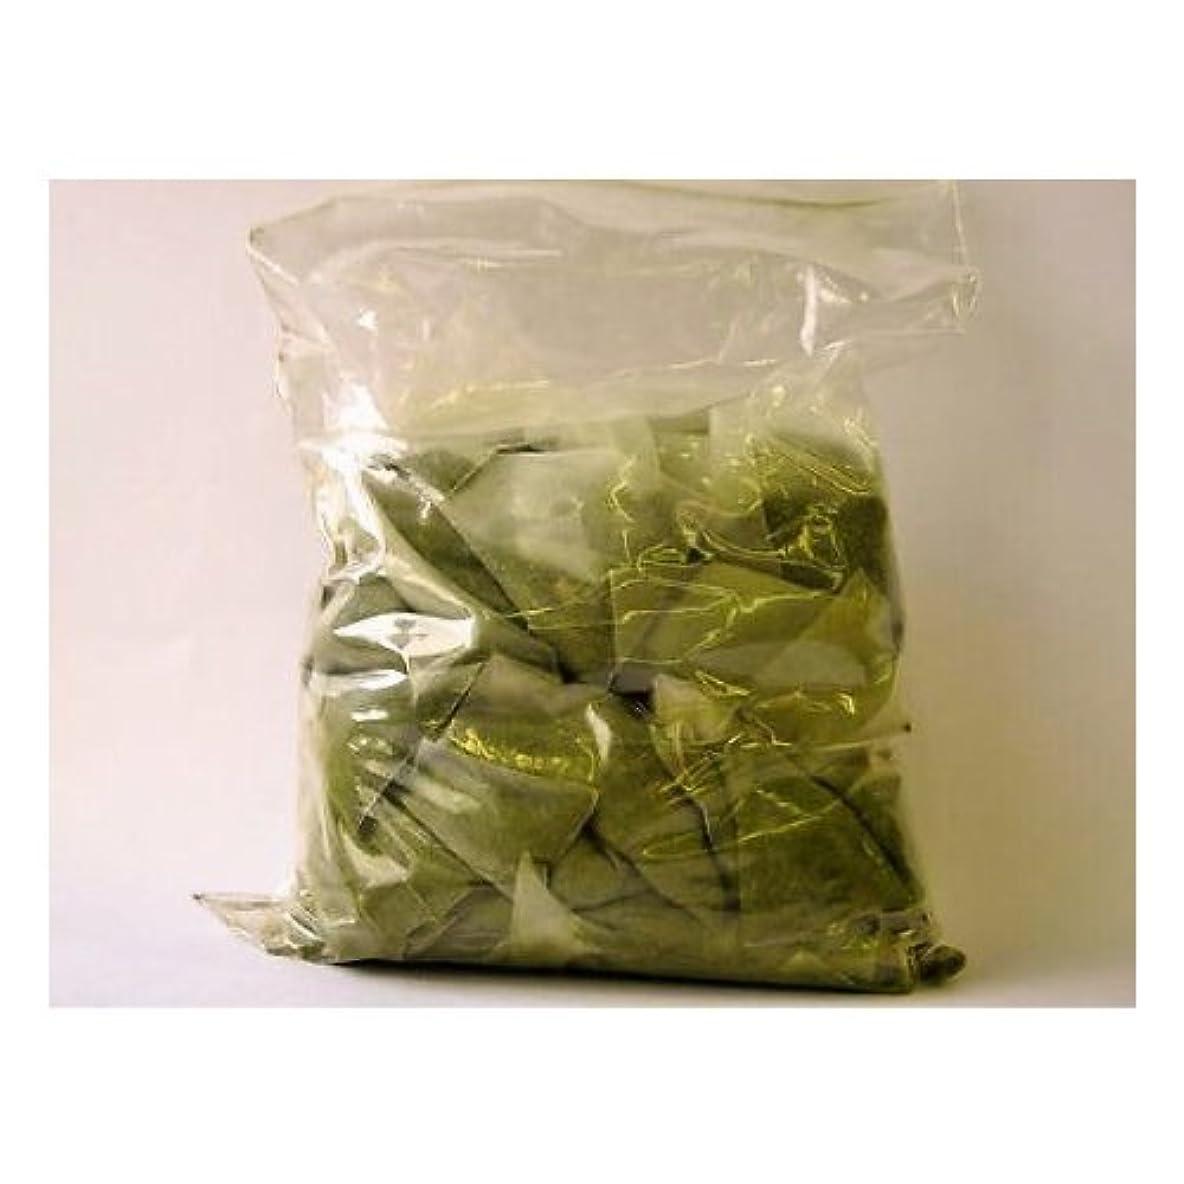 不屈太陽私たち静岡茶 業務用 ティーバッグ 5g200ヶ入り 1キロ 1袋 深蒸し茶 夏は 水出し茶 にも